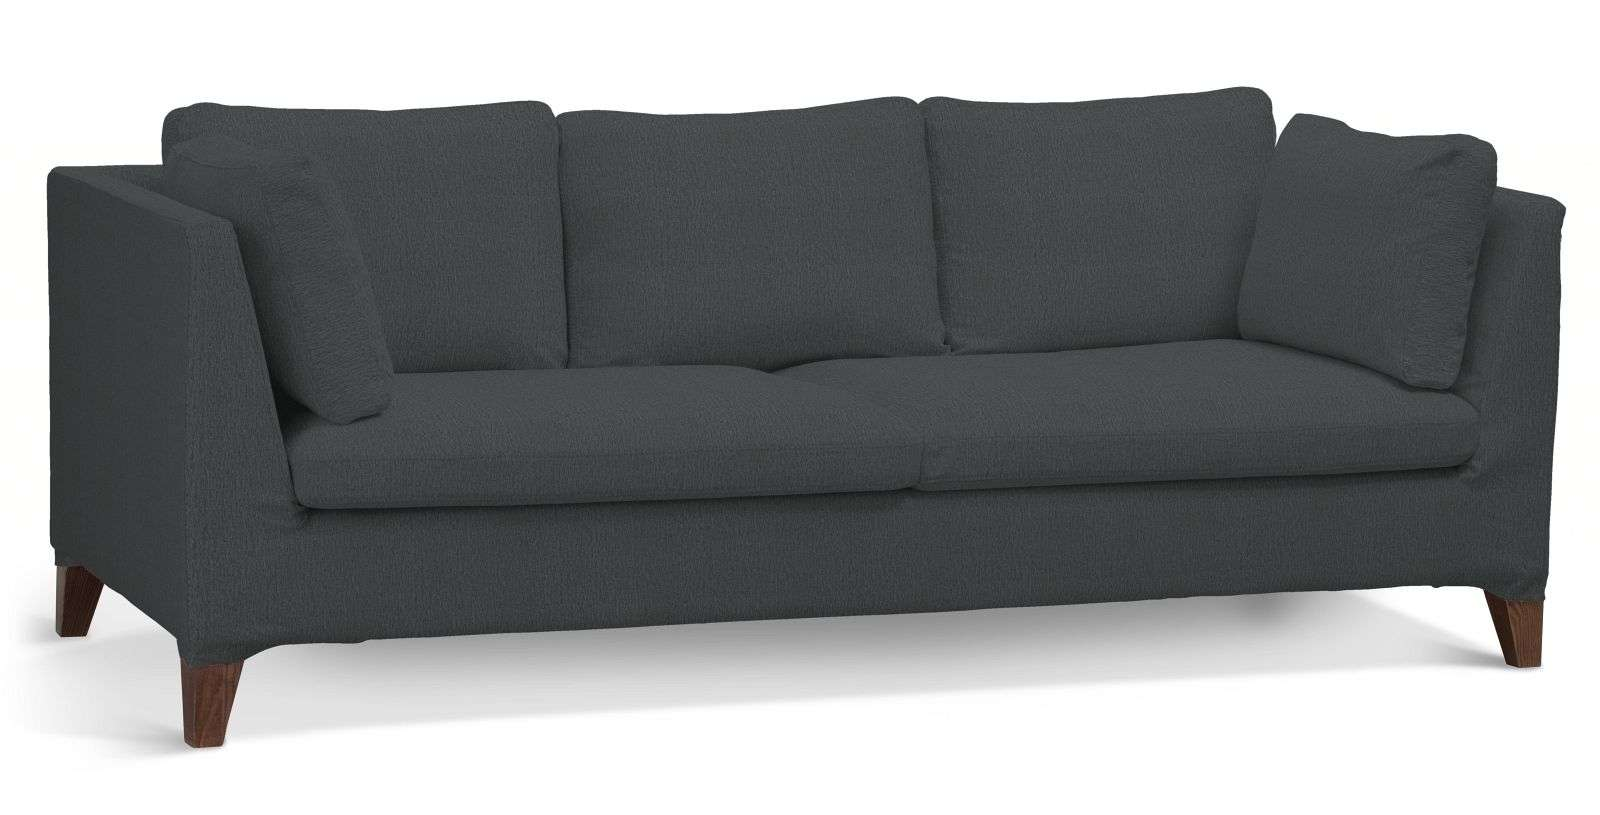 Pokrowiec na sofę Stockholm 3-osobową sofa Stockholm 3-osobowa w kolekcji Chenille, tkanina: 702-20